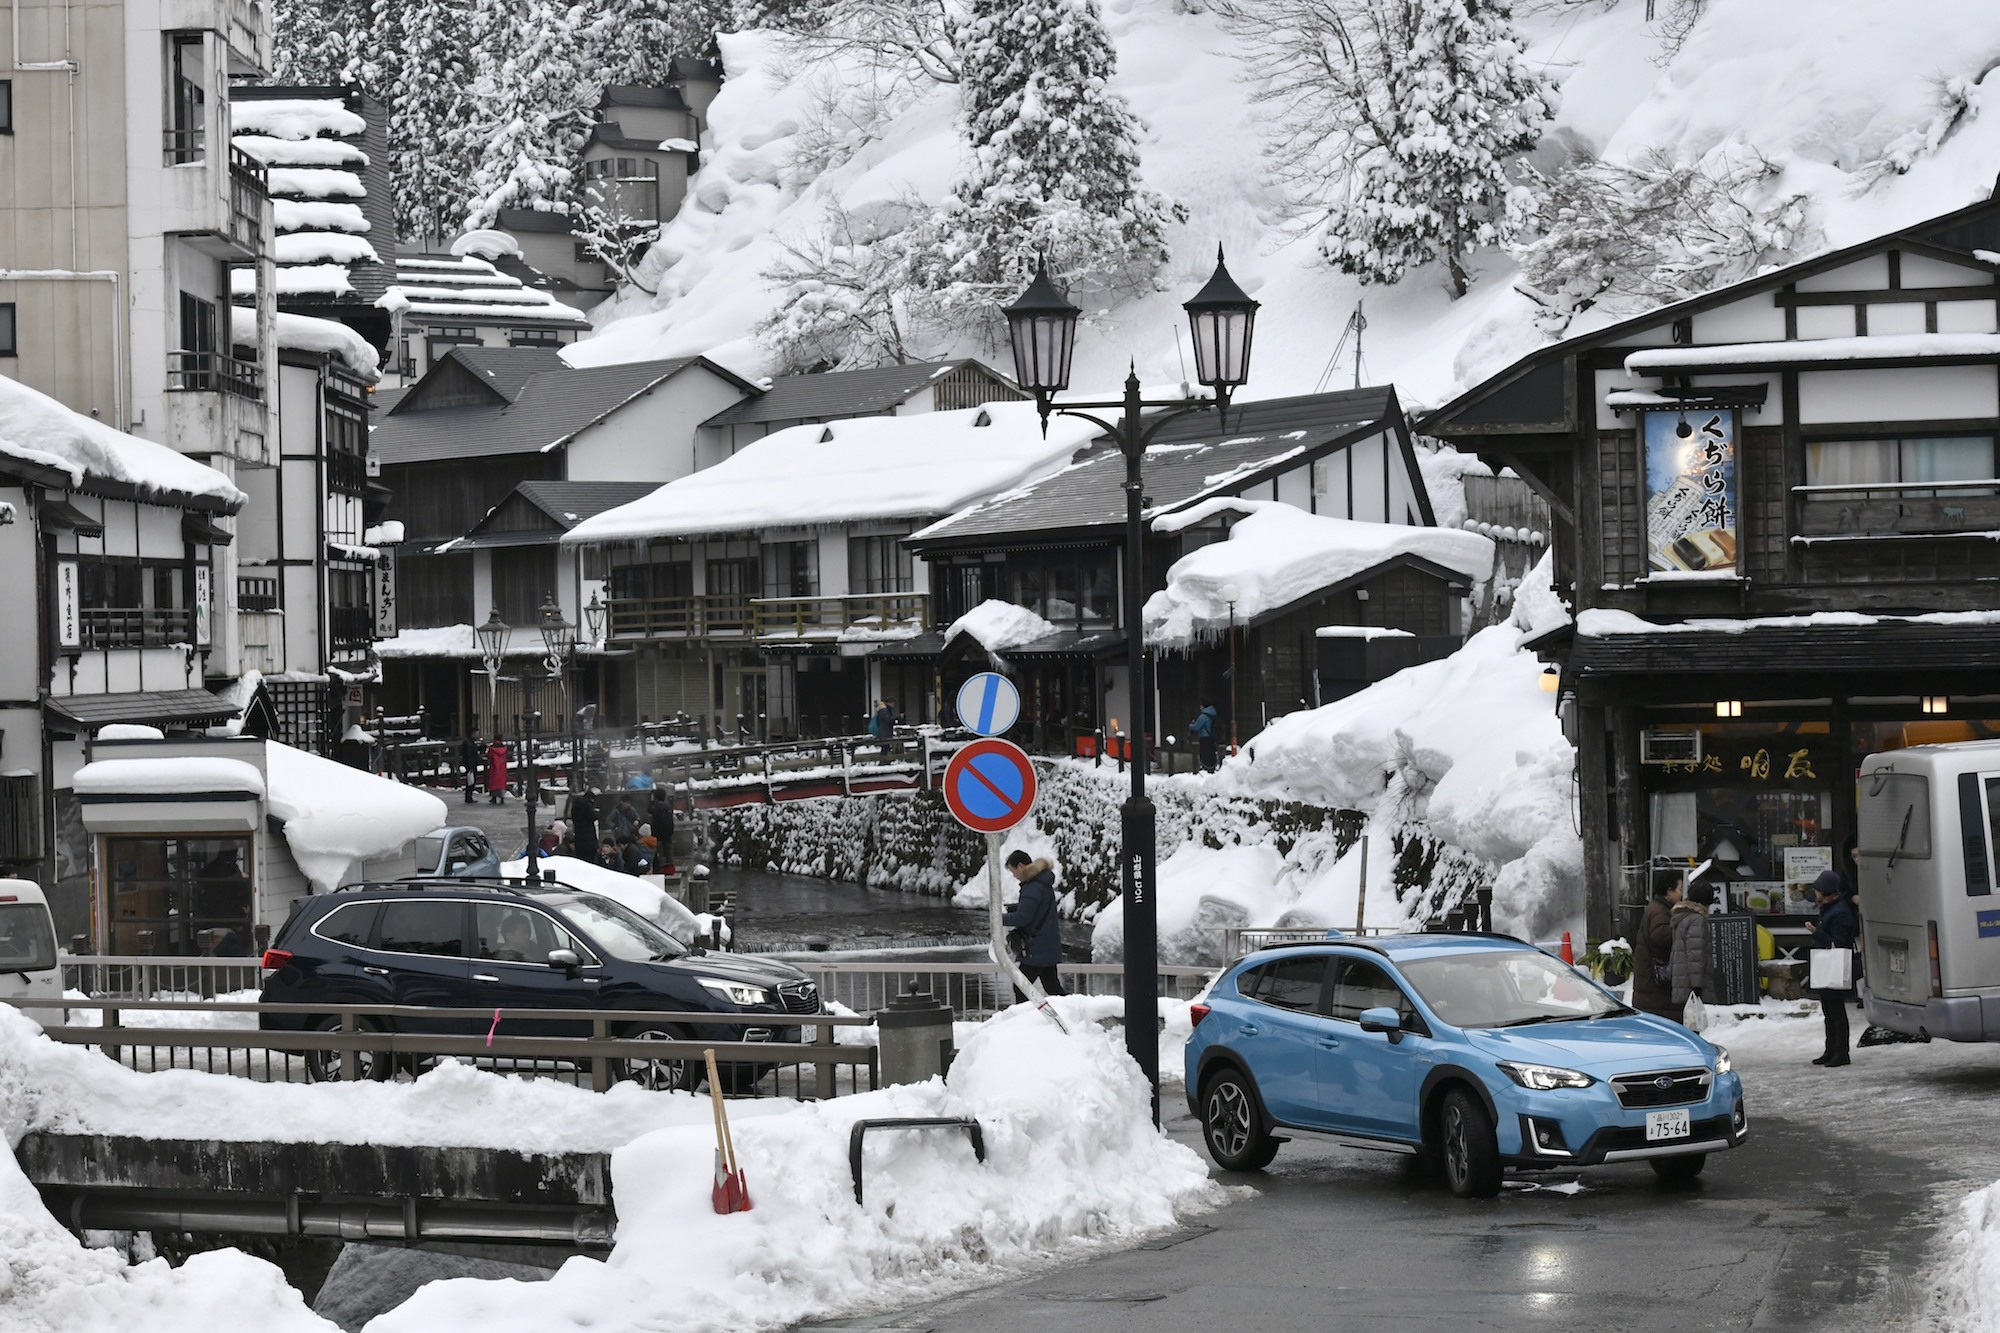 【スバル雪上試乗会】雪国での使用でこそ光る、スバルならではの性能